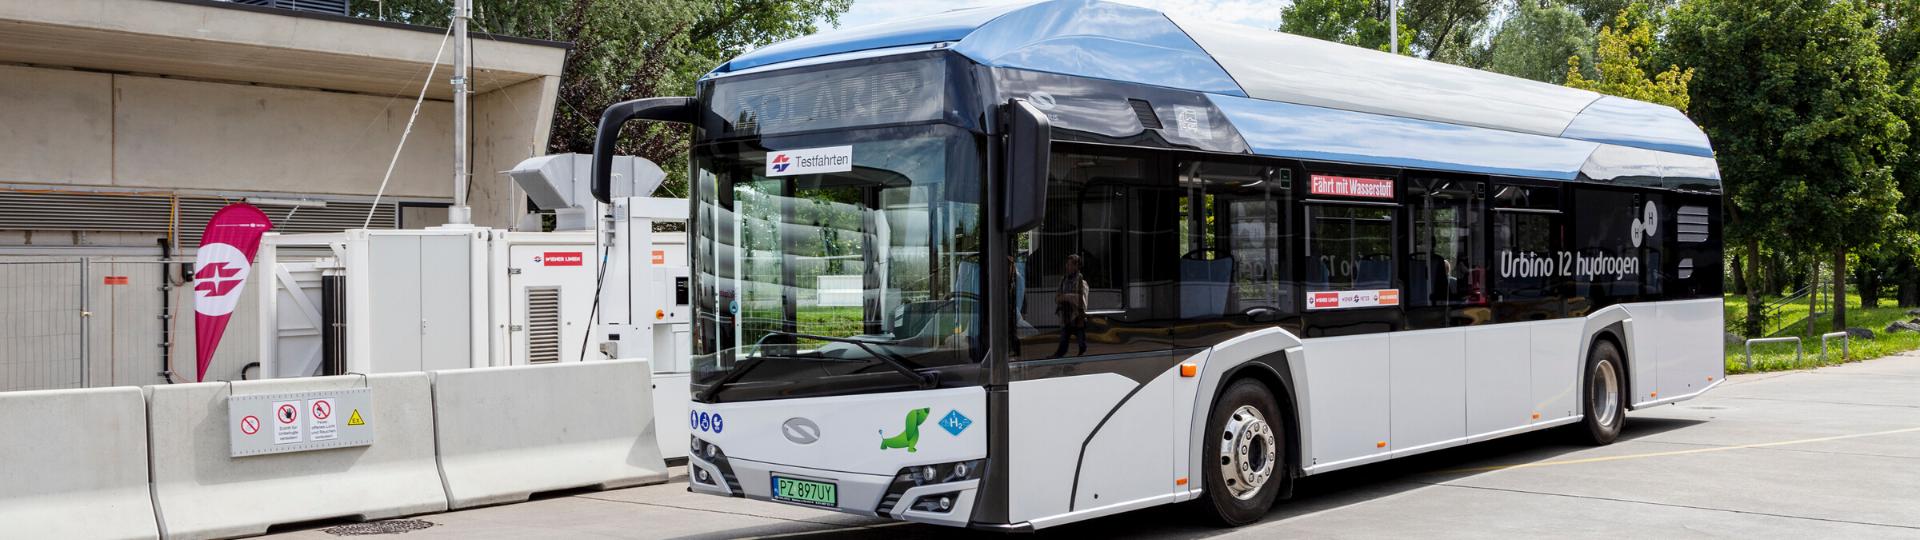 Solaris Vienna Testing Hydrogen Bus Main